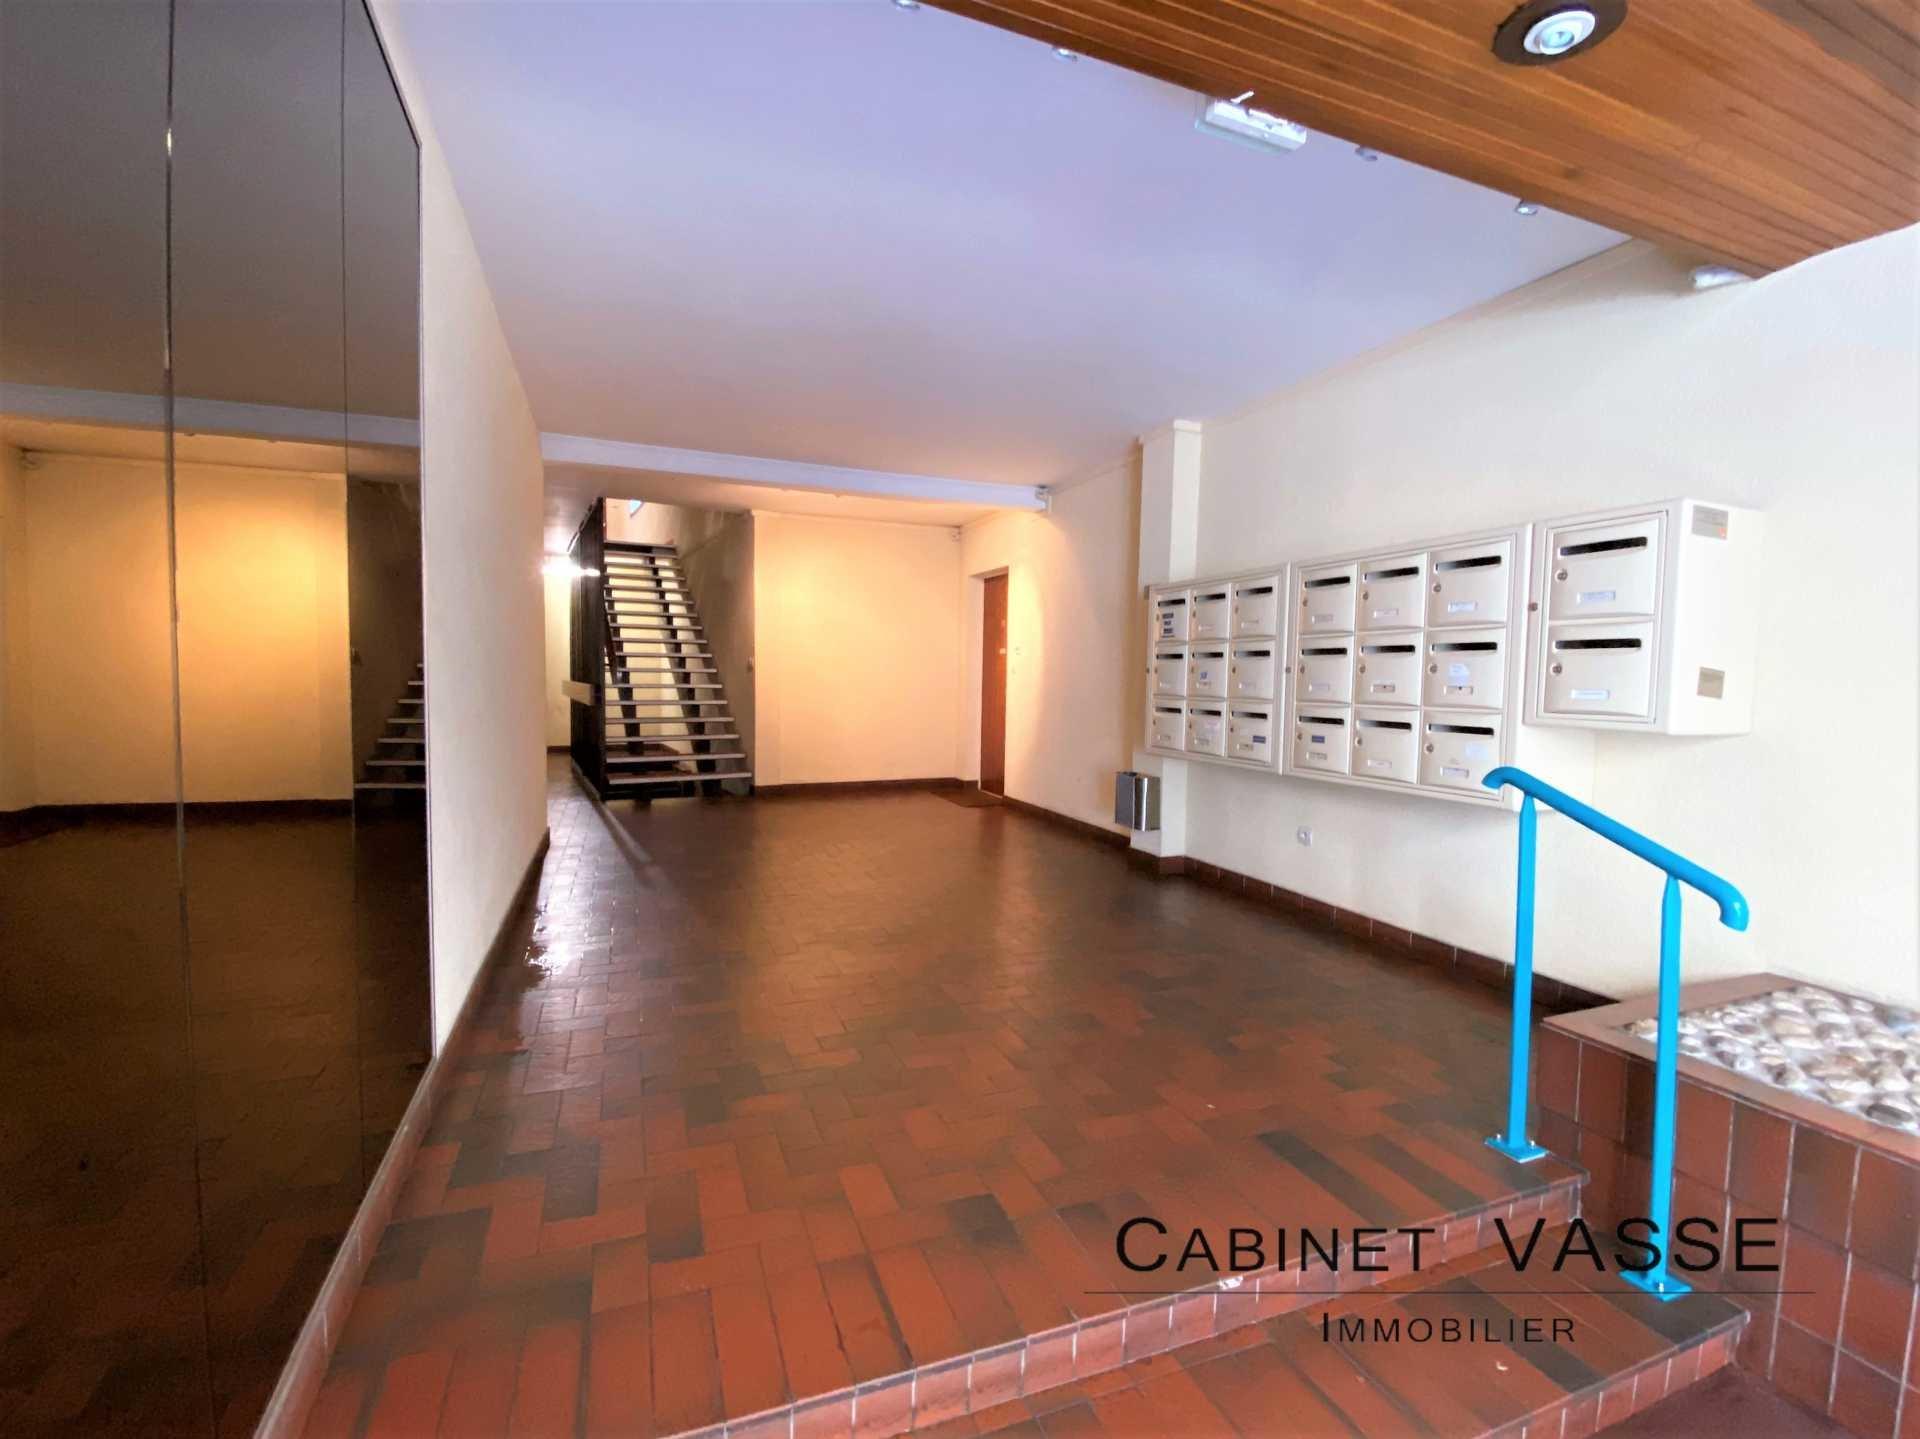 Caen, Vaugueux, résidence, standing, parties communes, vasse, a vendre